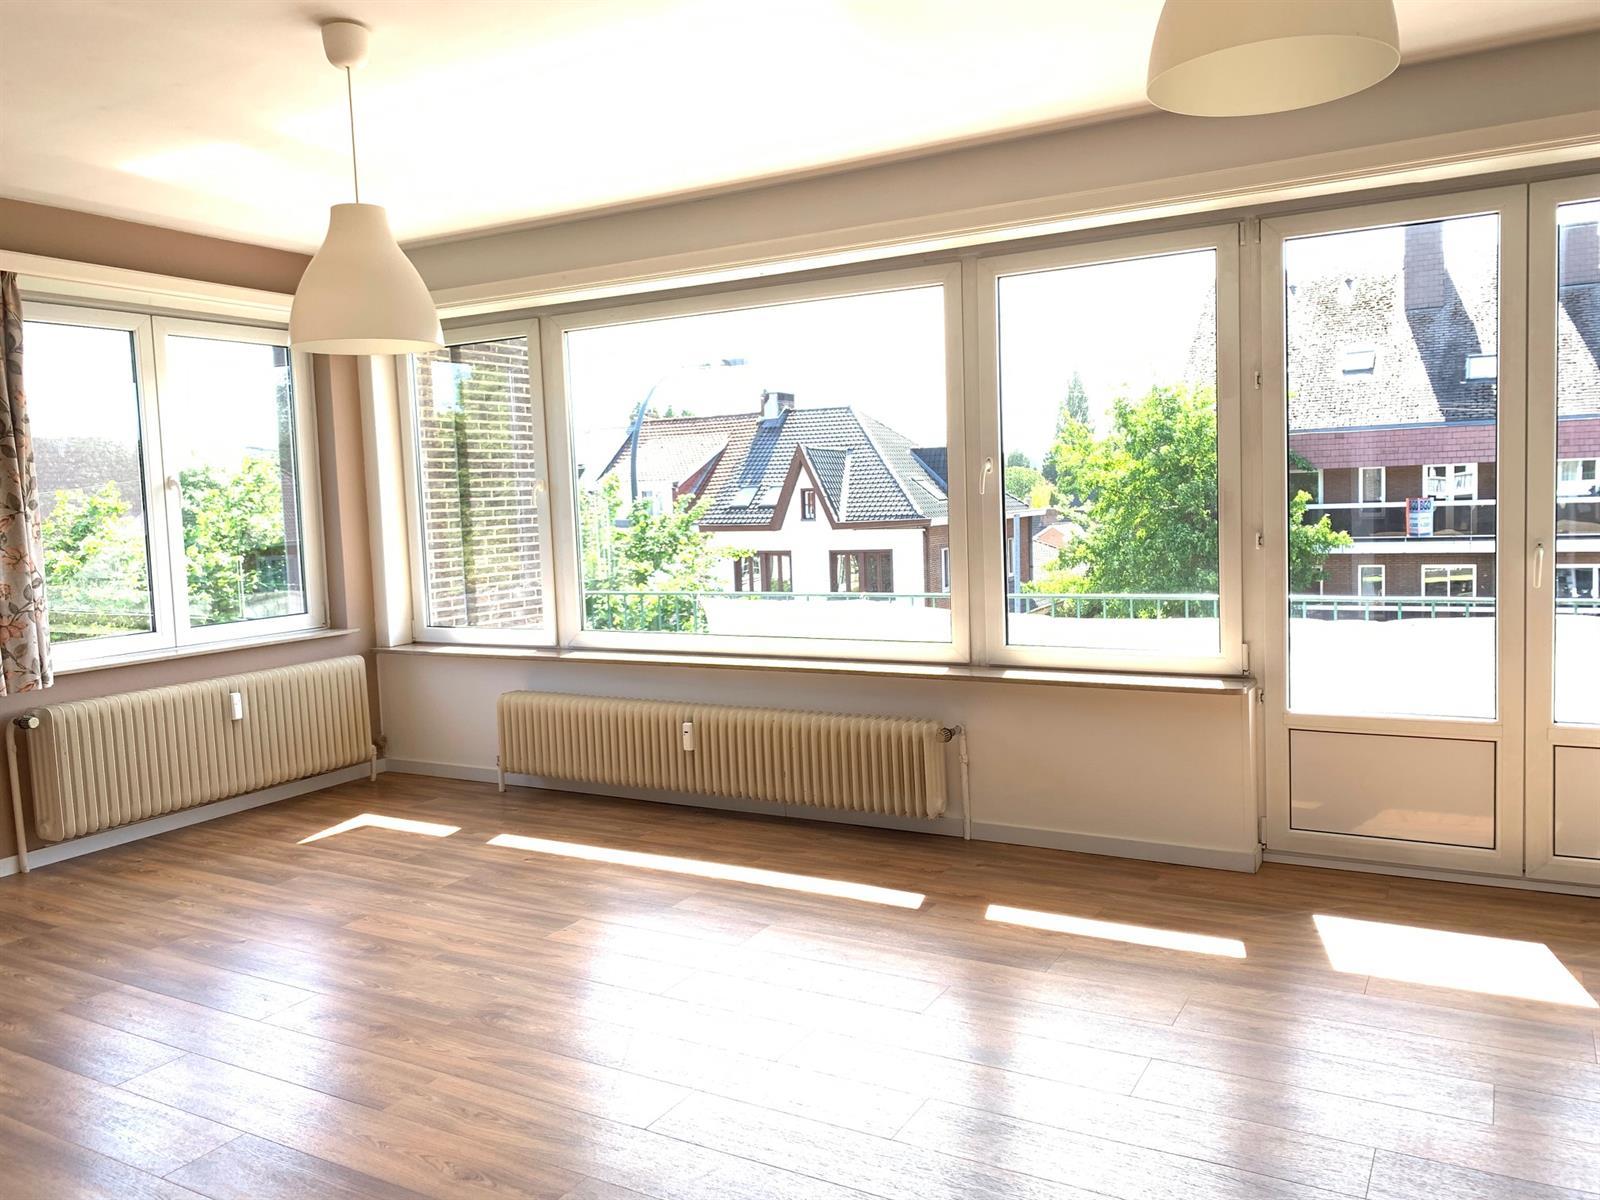 Appartement - Rhode-Saint-Genèse - #4028004-38